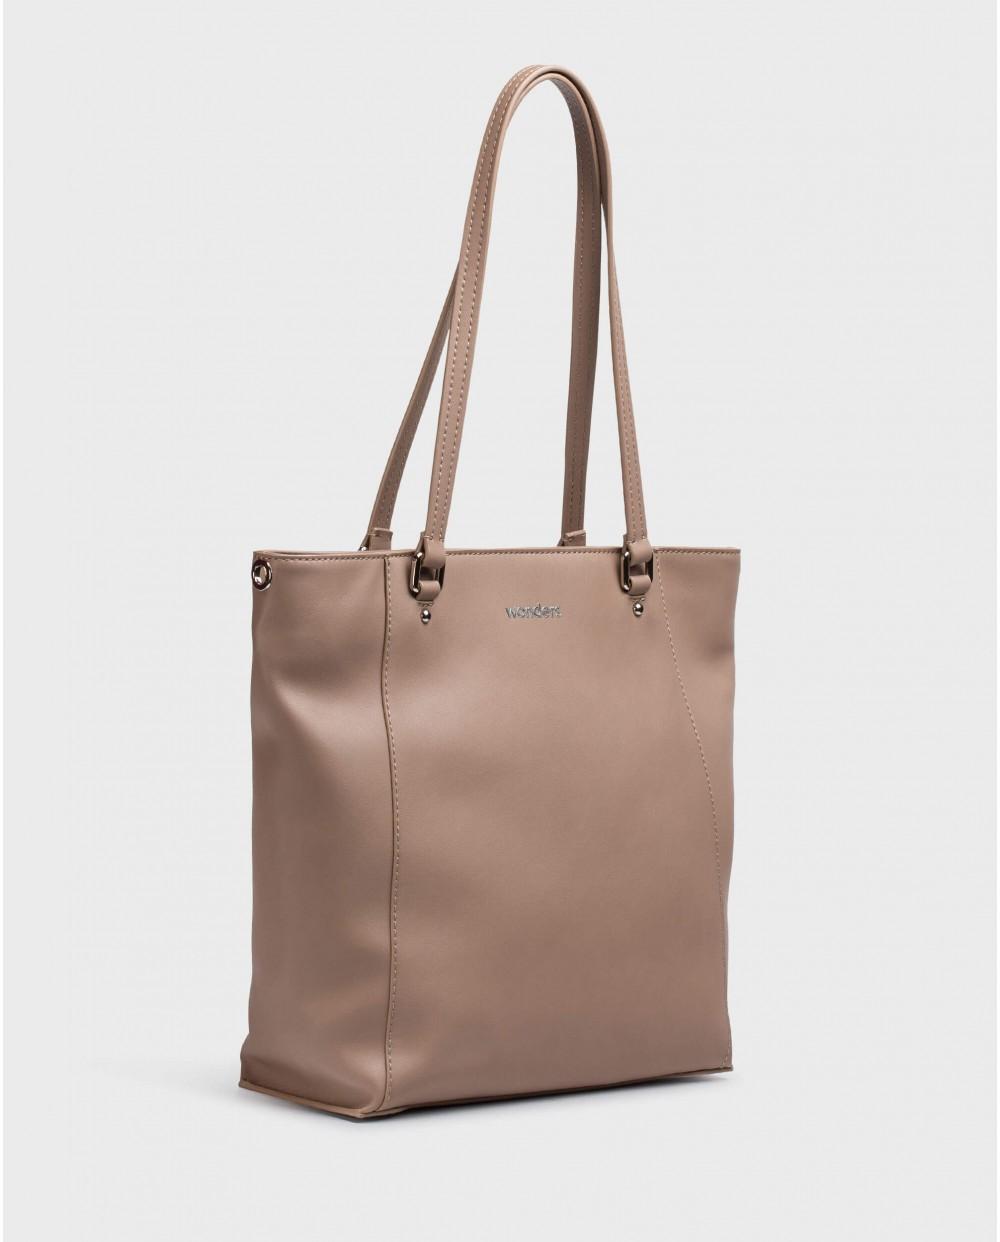 Wonders-Bags-Taupe Zuri Bag